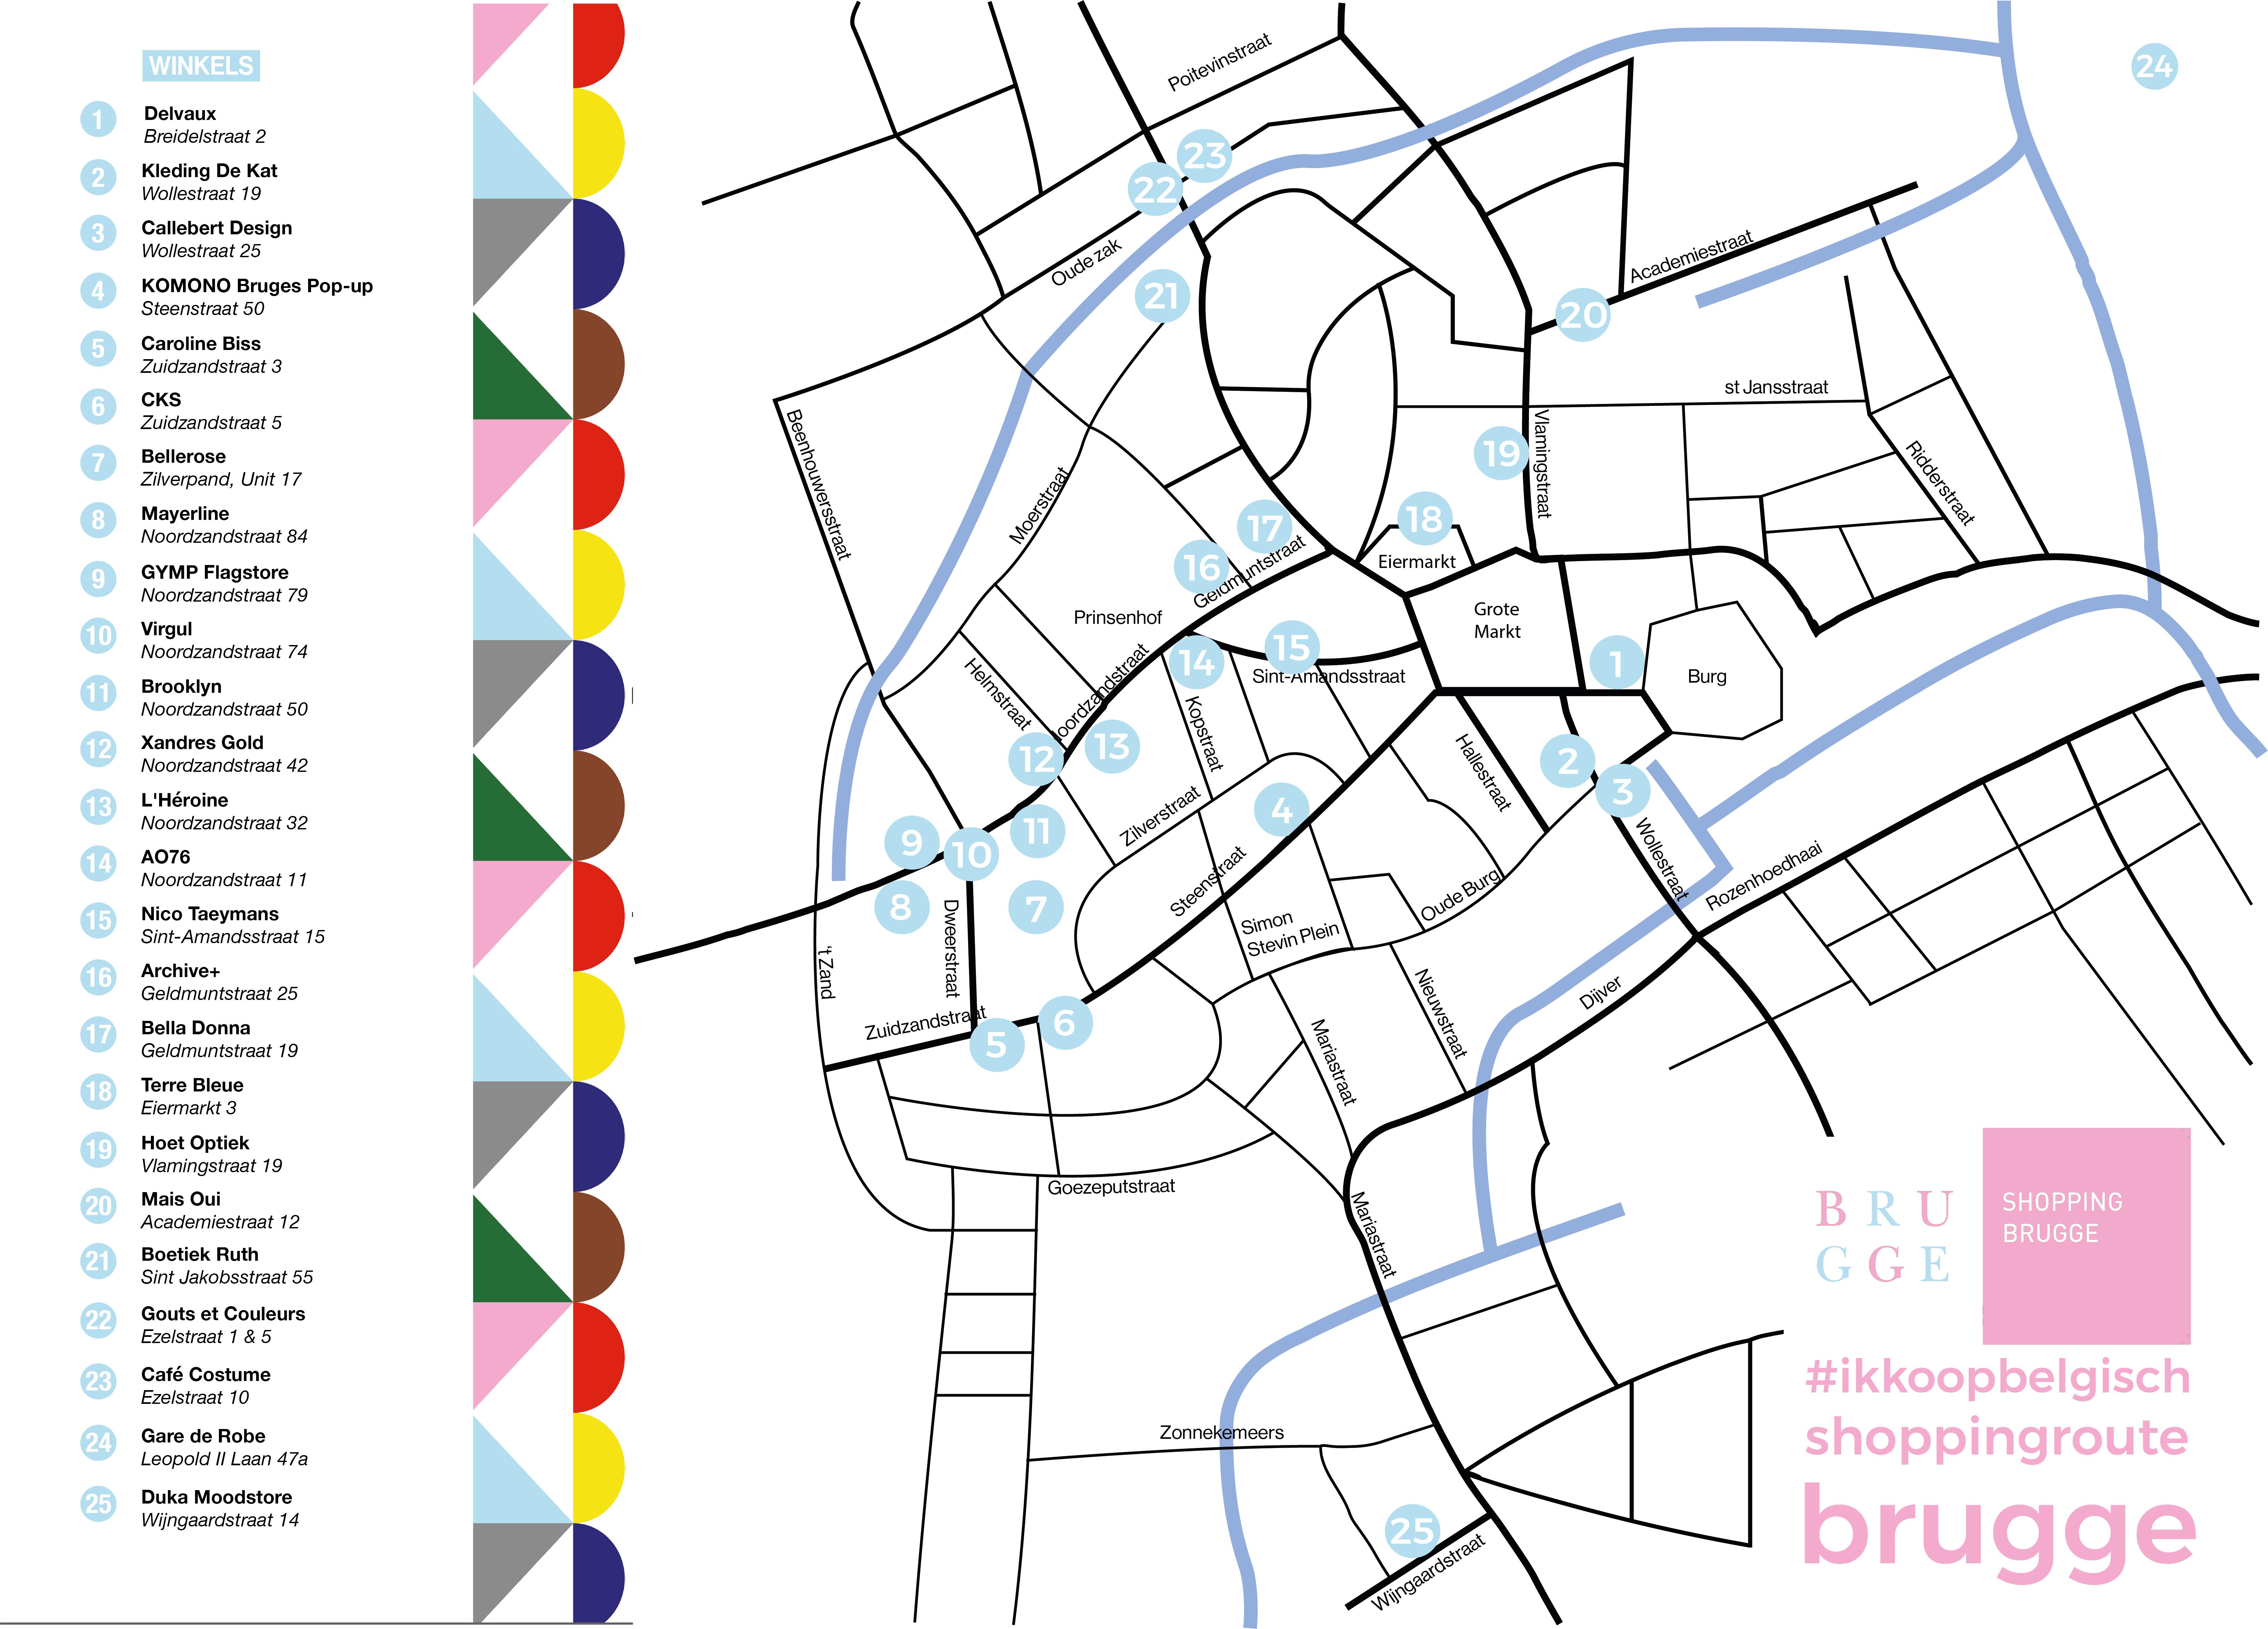 Shoppingroute Brugge Aangepast